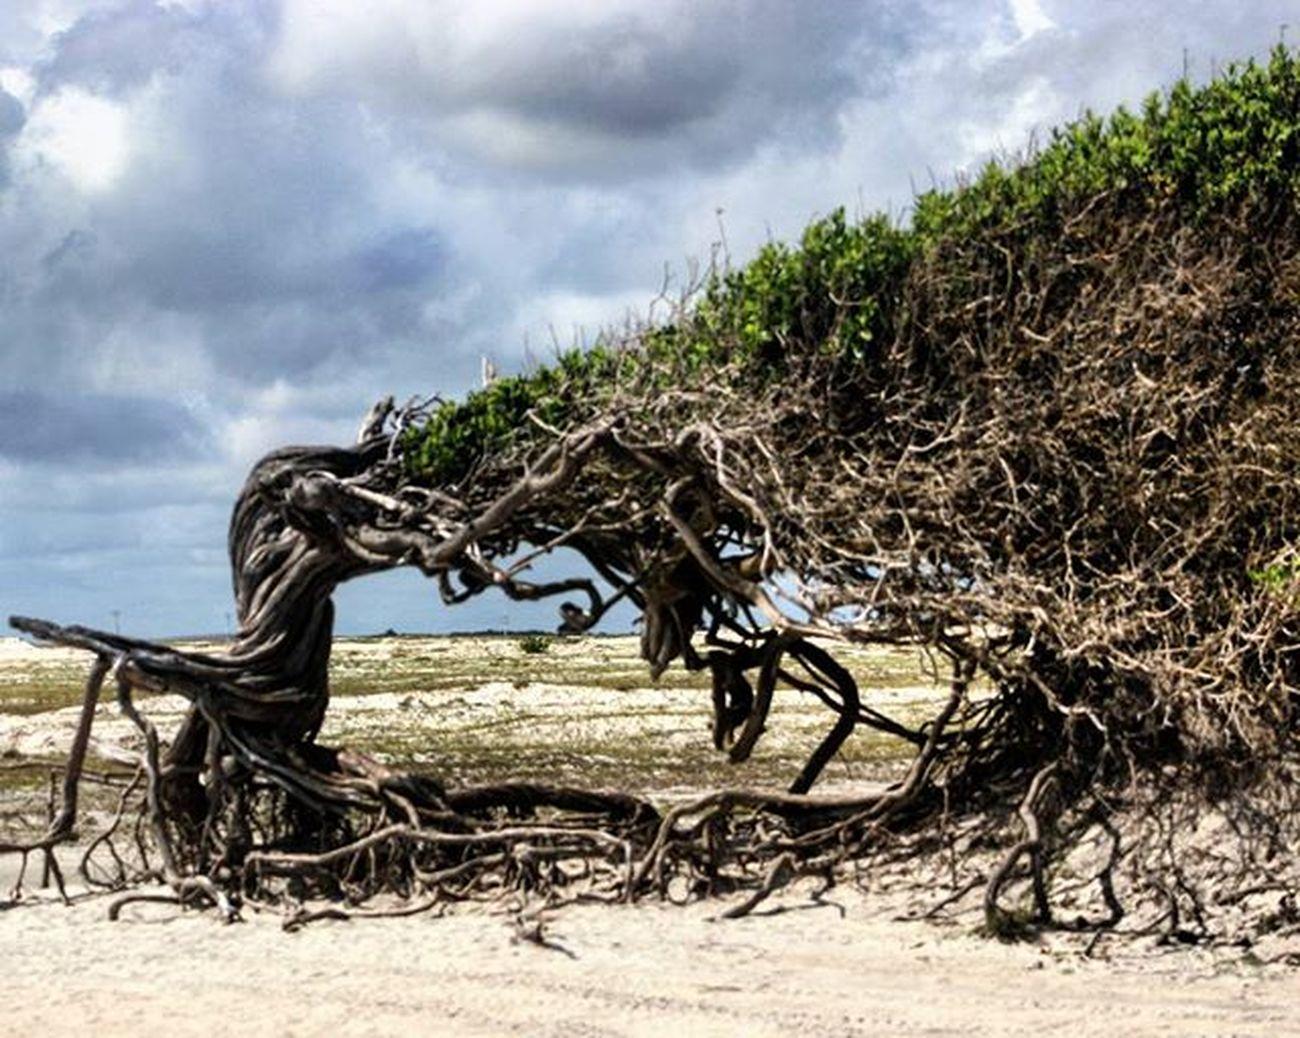 Árvore da Preguiça Vemprajeri Jericoacara Vemproceara Vemprajeri Paraíso Arvoredapreguiça Profissaoaventura Paraisoeaqui Arvore